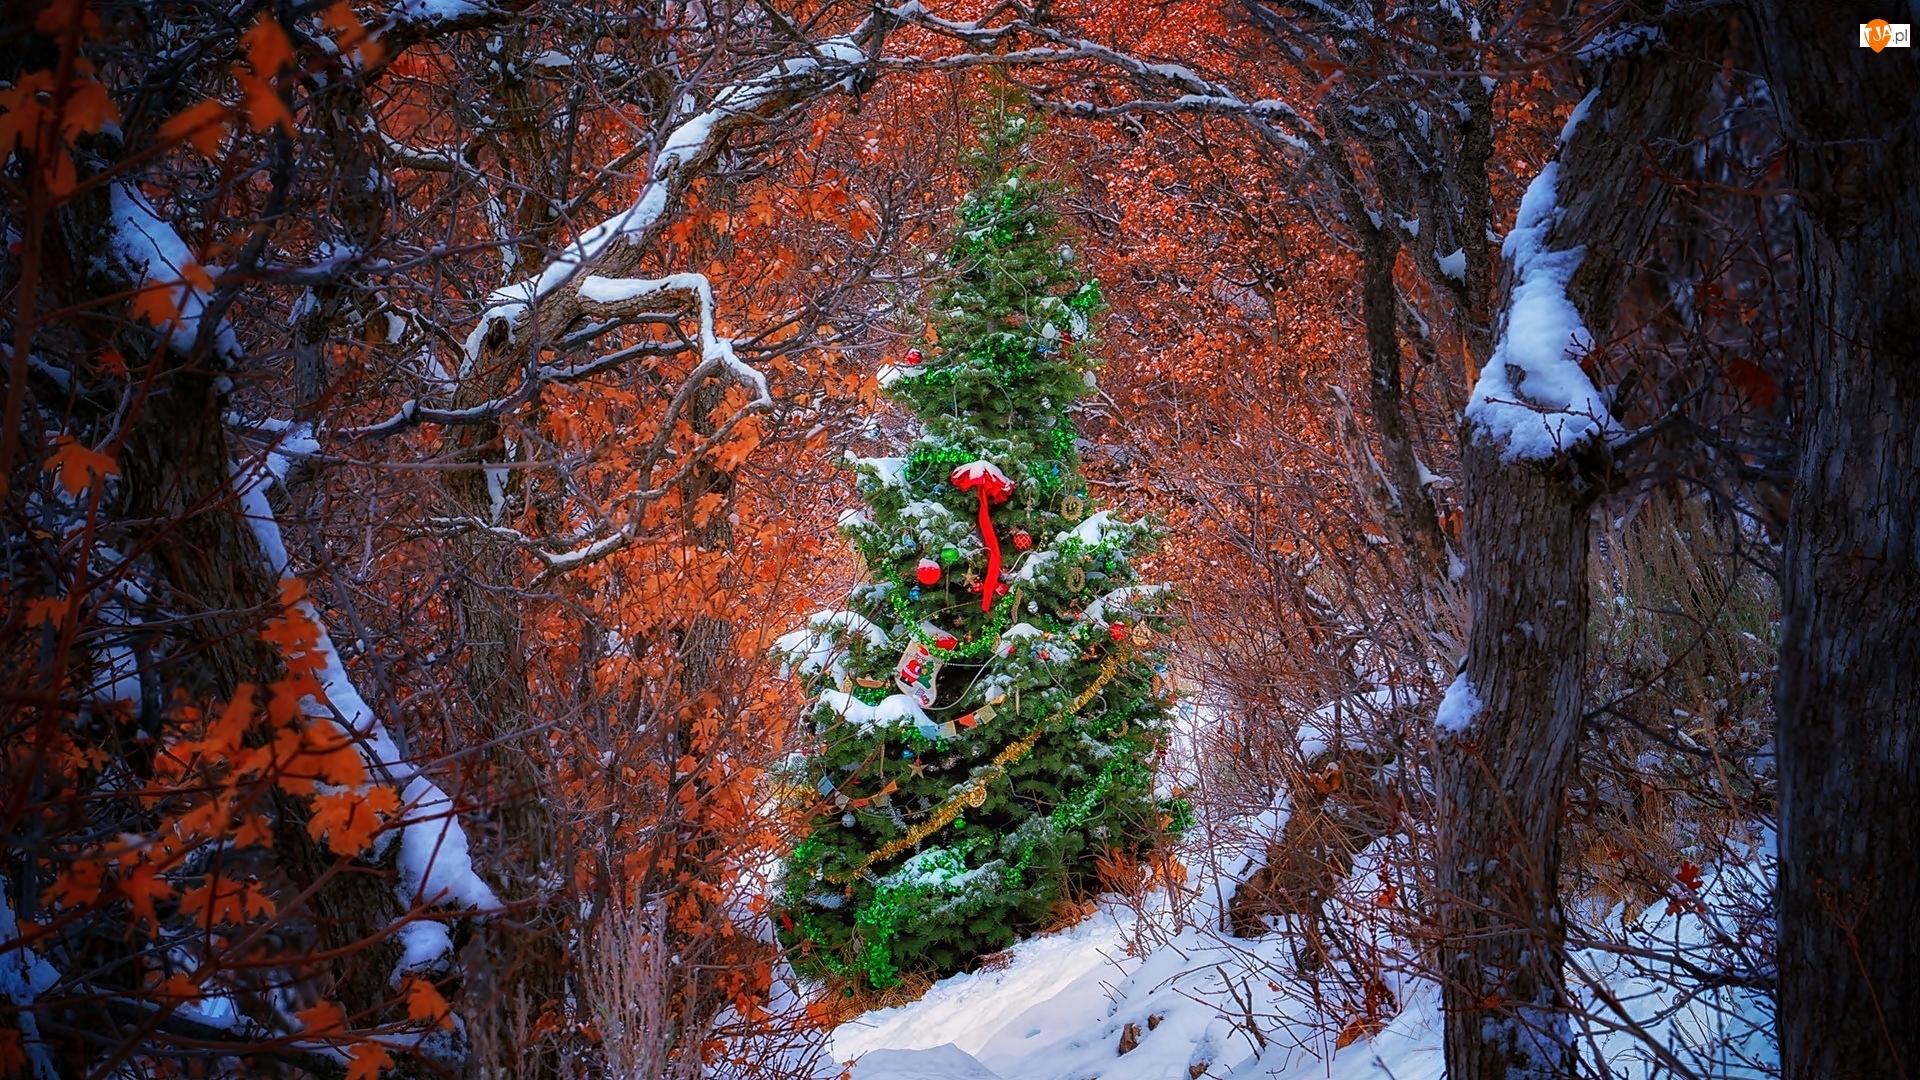 Ozdobiona, Choinka, Boże Narodzenie, Świąteczna, Zima, Drzewa, Las